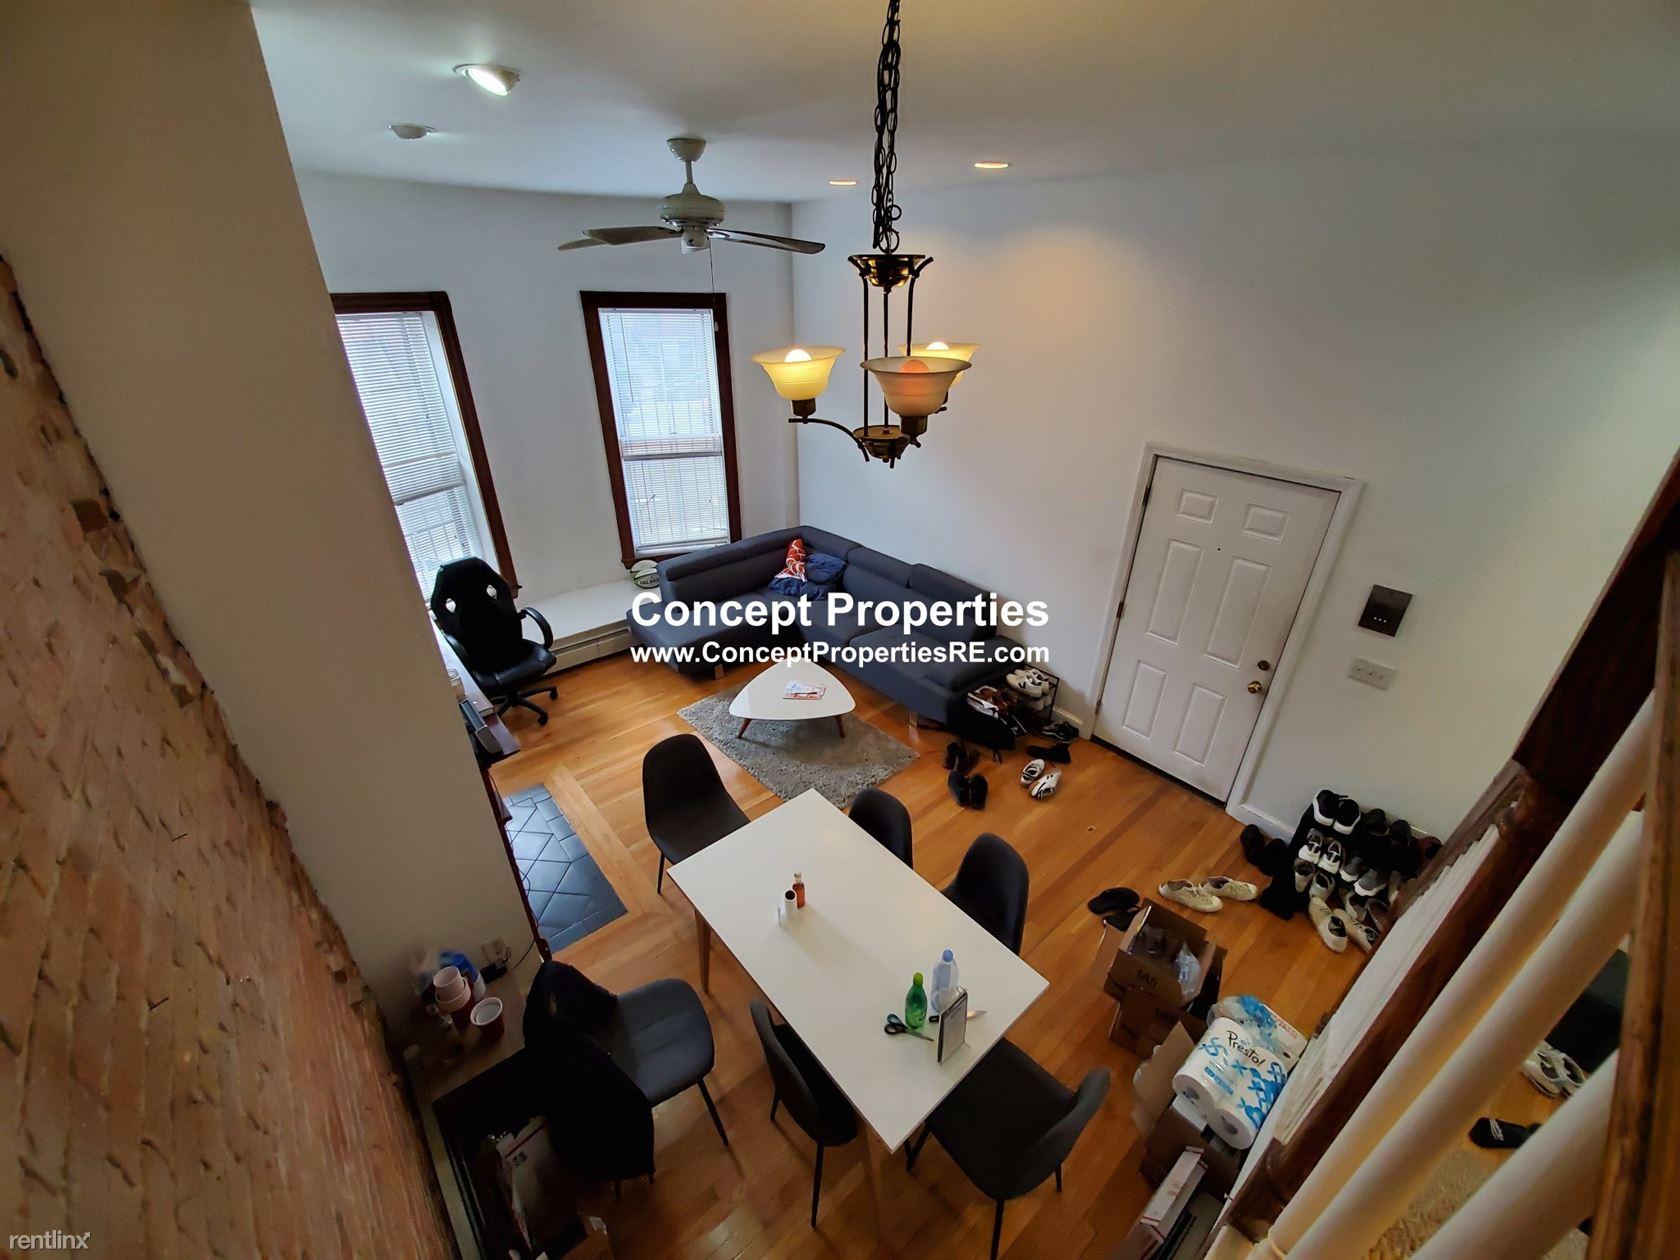 480 Massachusetts Ave Apt 2Z, Boston, MA - $6,600